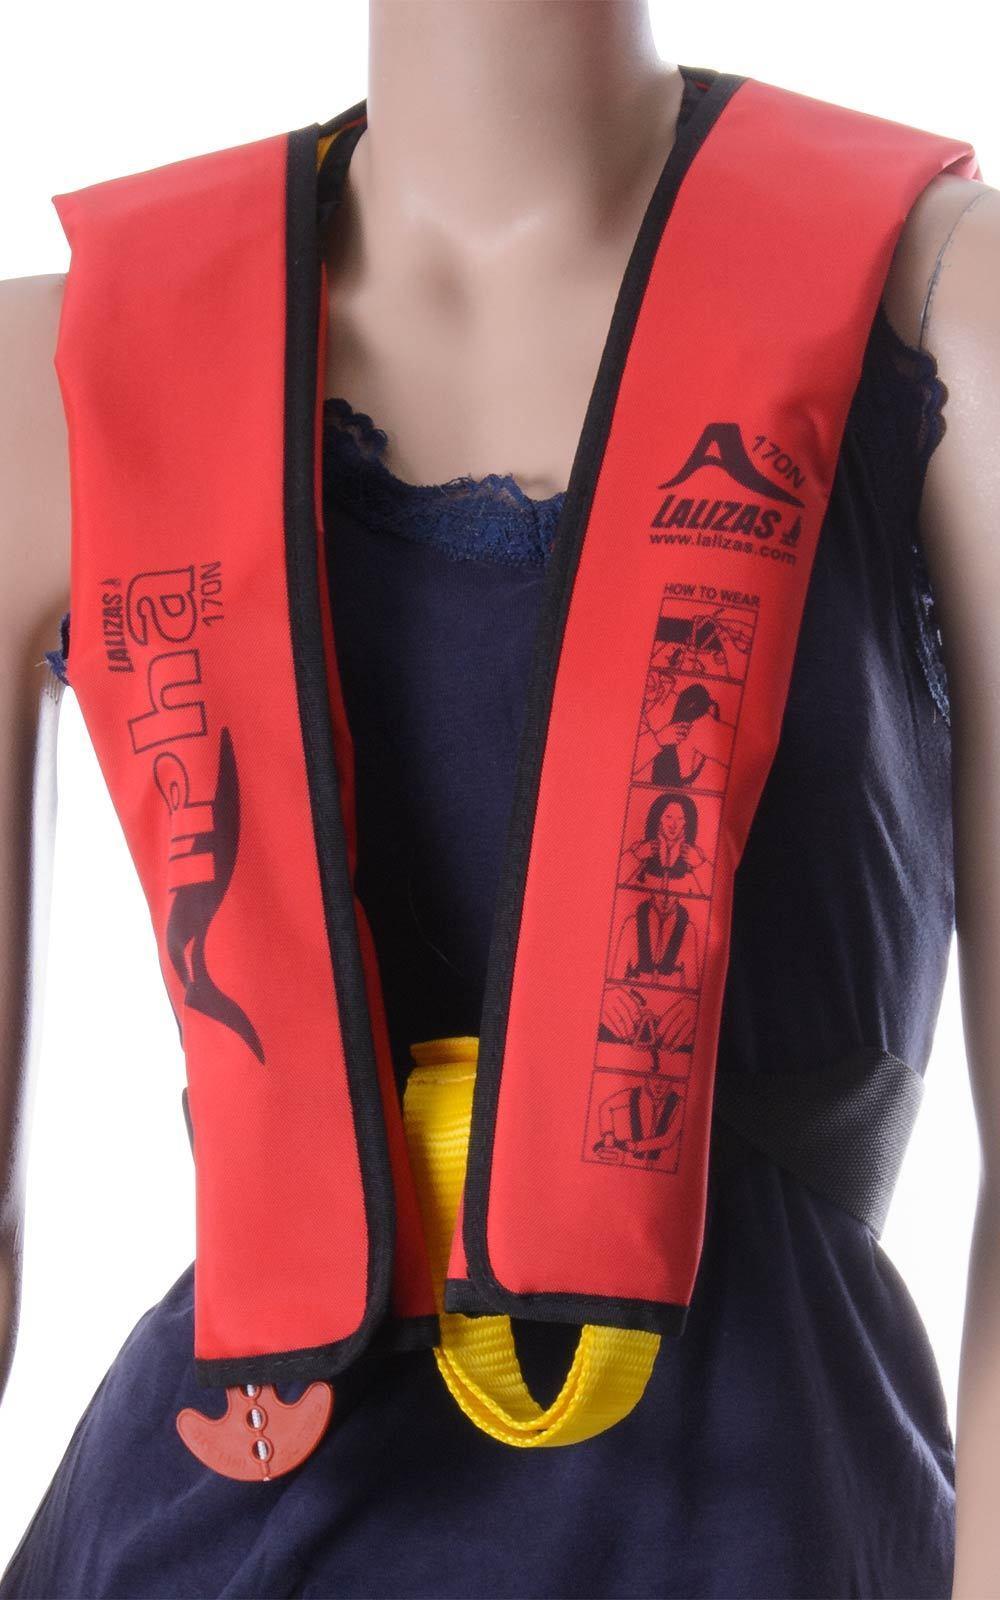 Rettungsweste Lalizas Alpha 170N Kinder manuell & automatisch automatisch & rot 25 - 40 kg 8e19e1